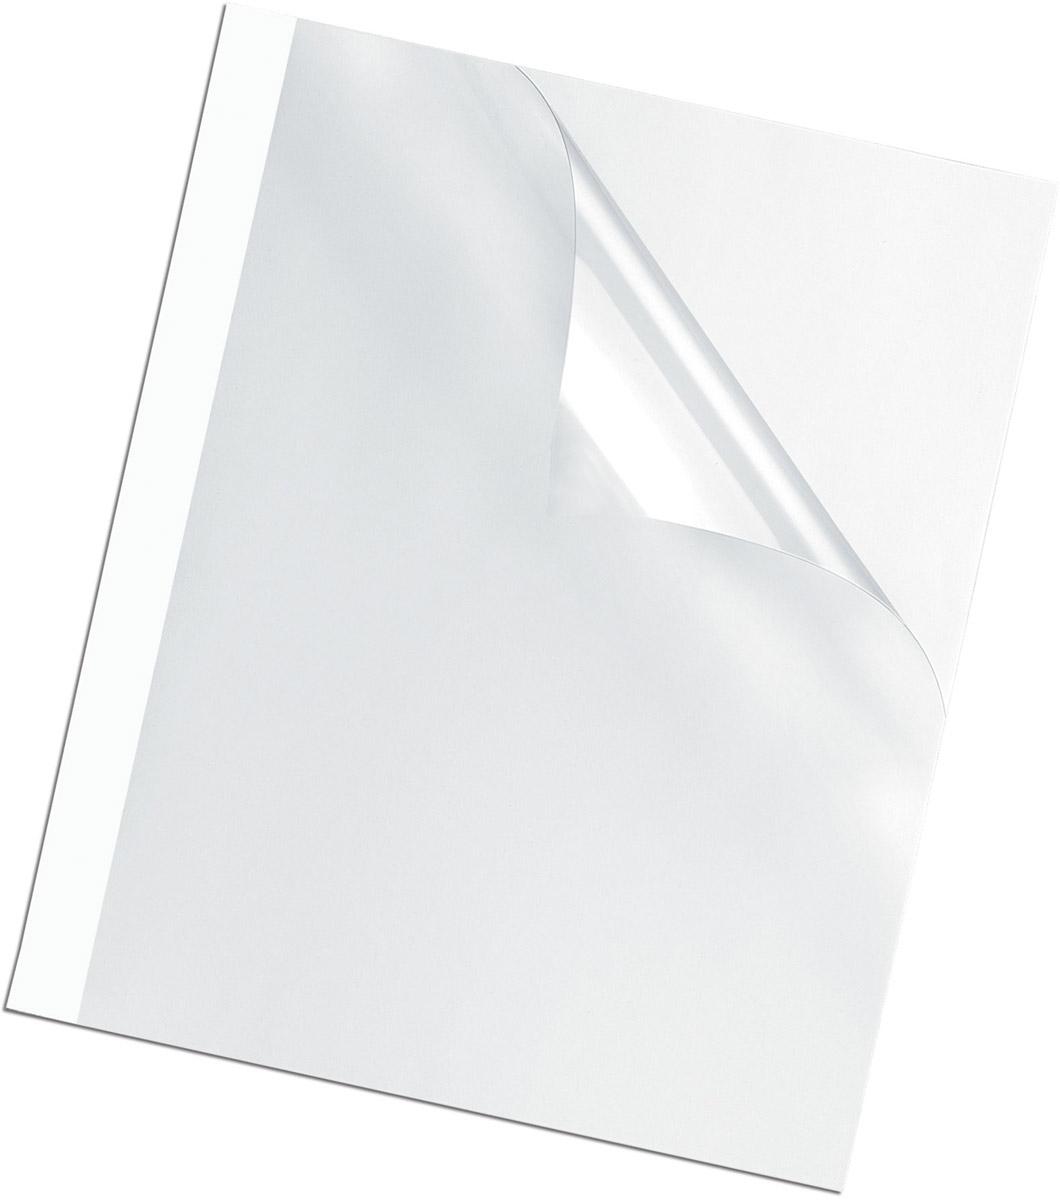 Fellowes A4 FS-53912 обложка для термопереплета, 8 мм (100 шт)FS-53912Обложка для термопереплета предназначена для оформления документов. Верх обложки – прозрачный PVC (150мкм), низ – глянцевый картон (220гр/кв.м). 100шт. в розничной упаковке.